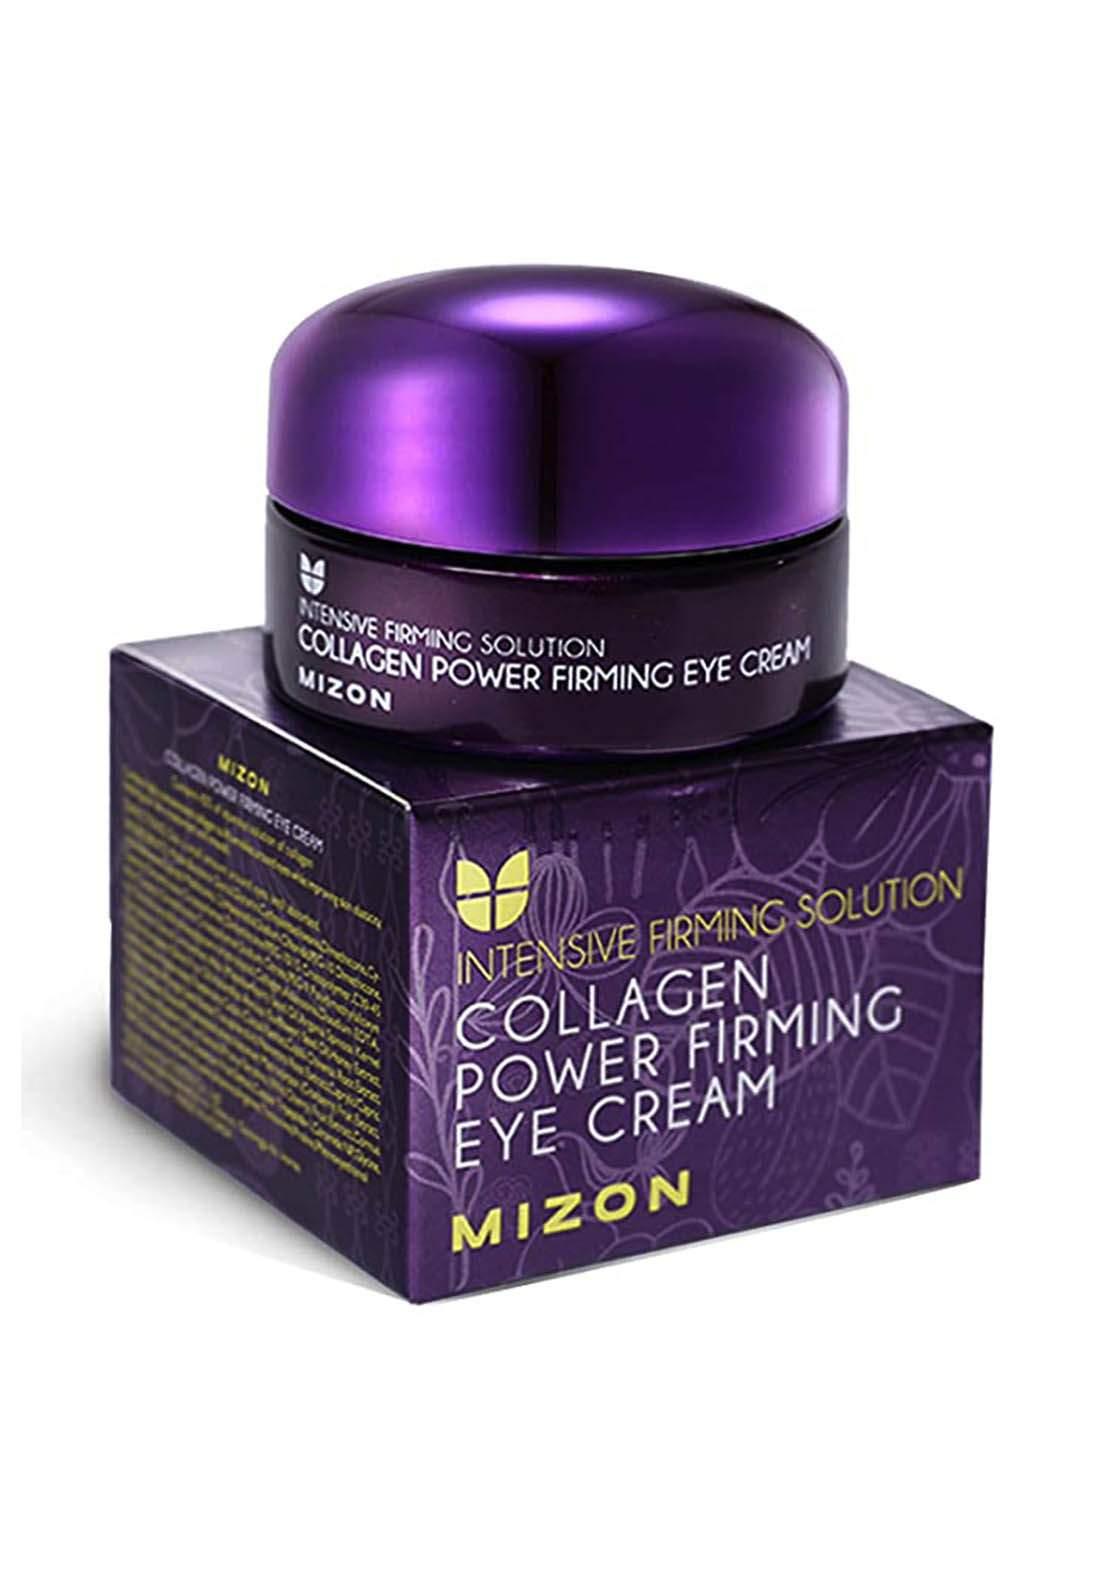 Mizon Collagen Power Firming Eye Cream 25ml كريم العين بالكولاجين